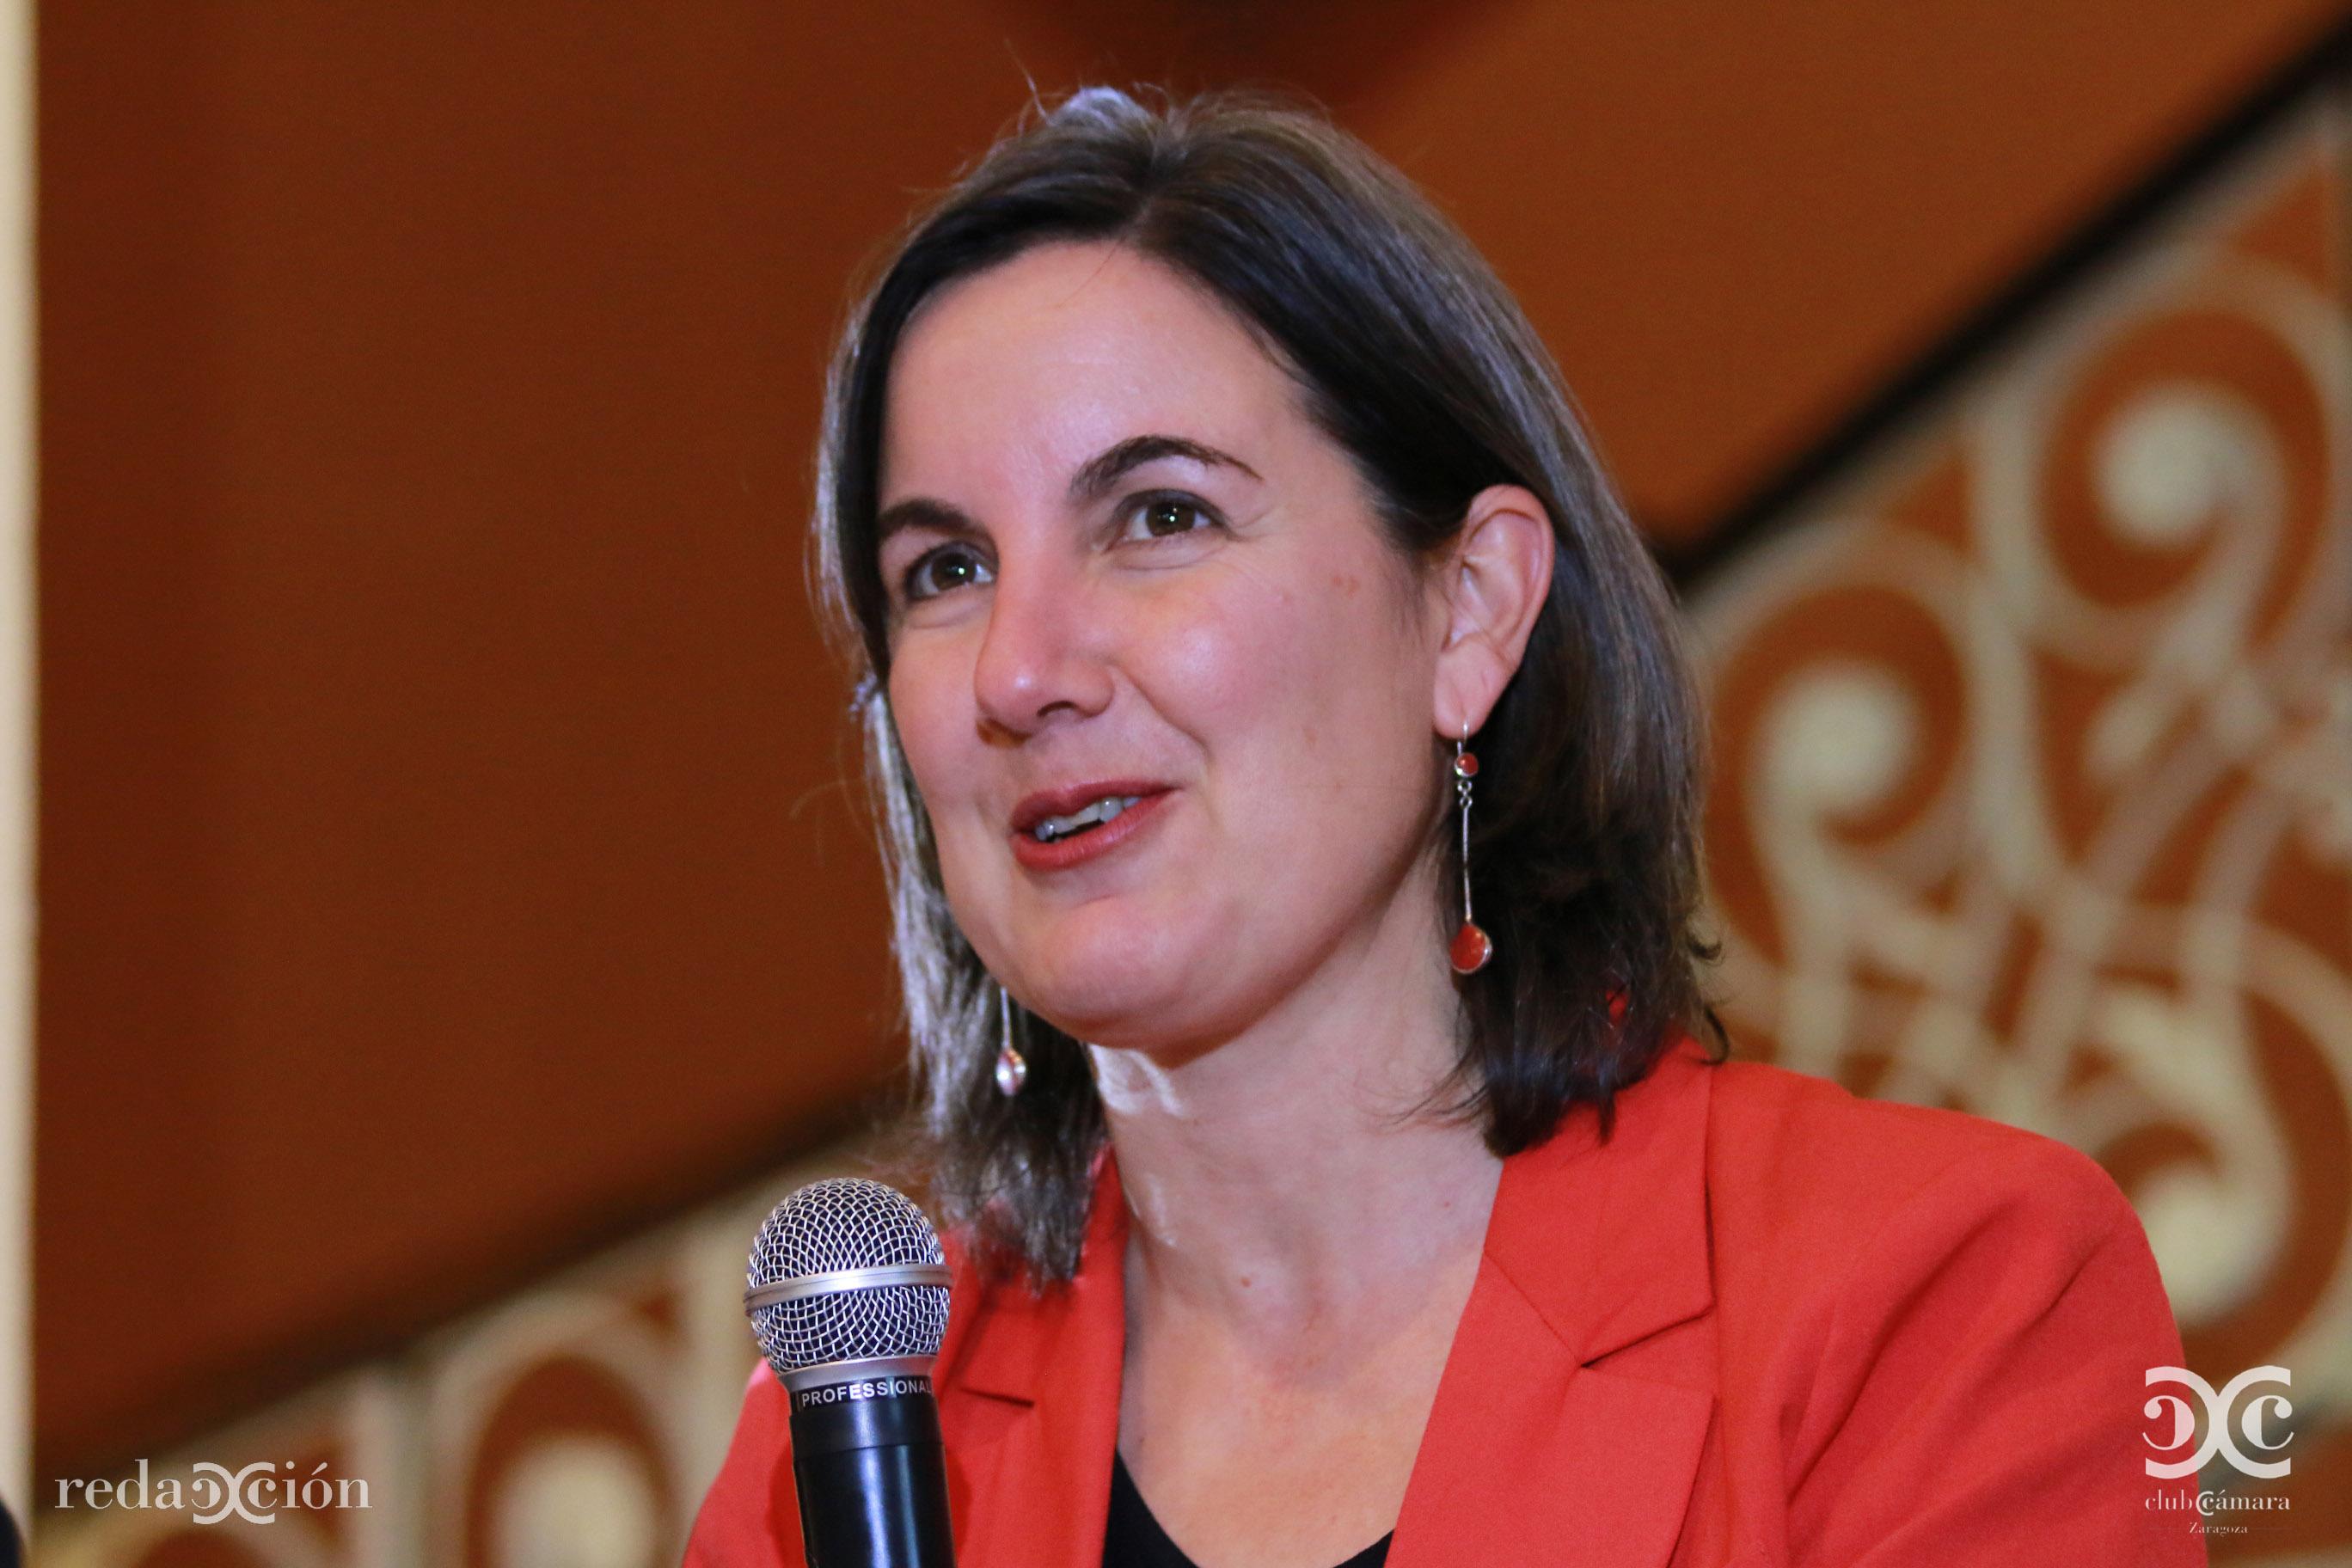 Ruth Lázaro